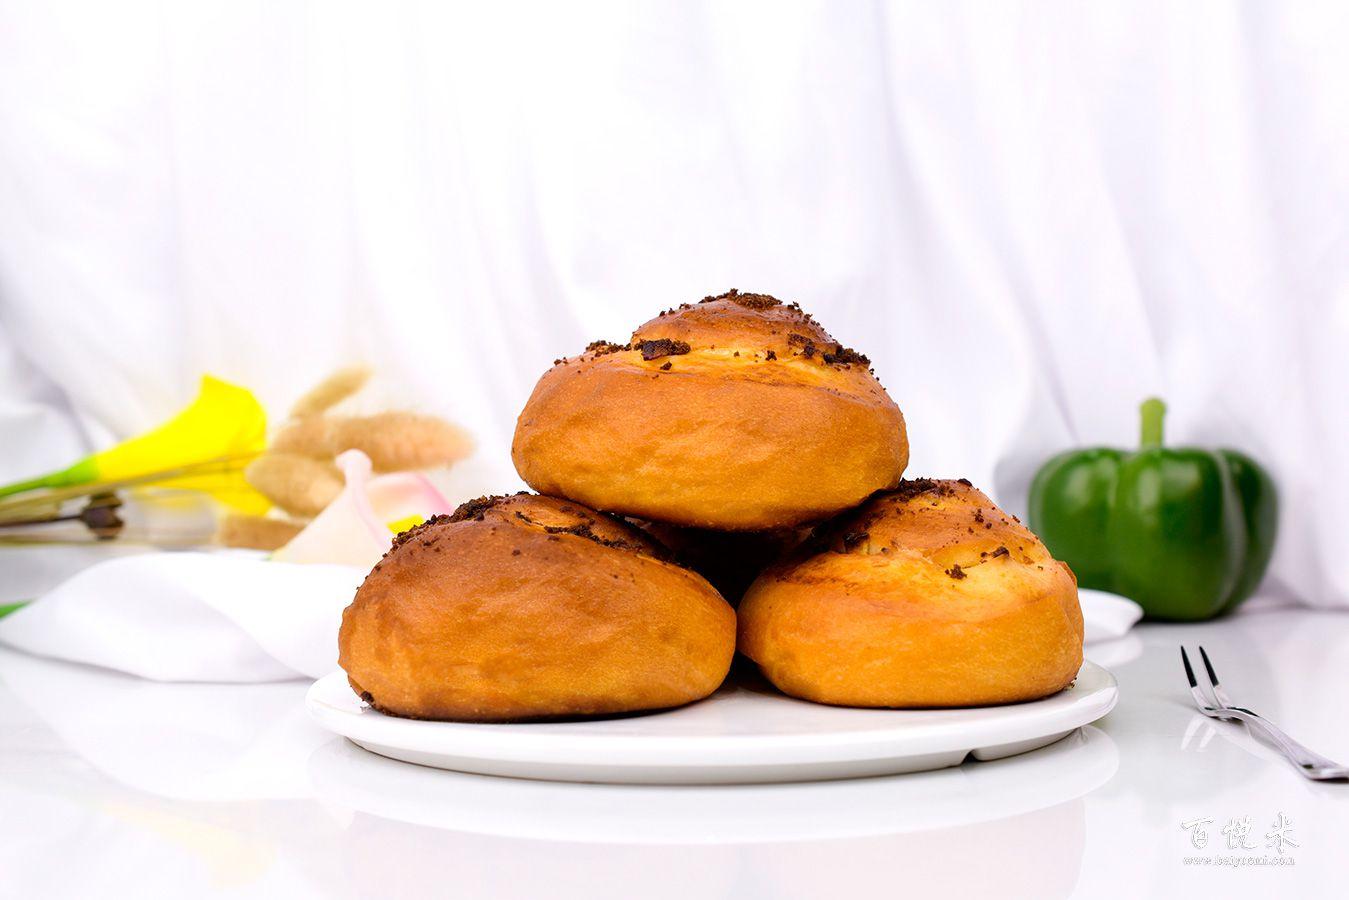 肉桂苹果面包高清图片大全【蛋糕图片】_250